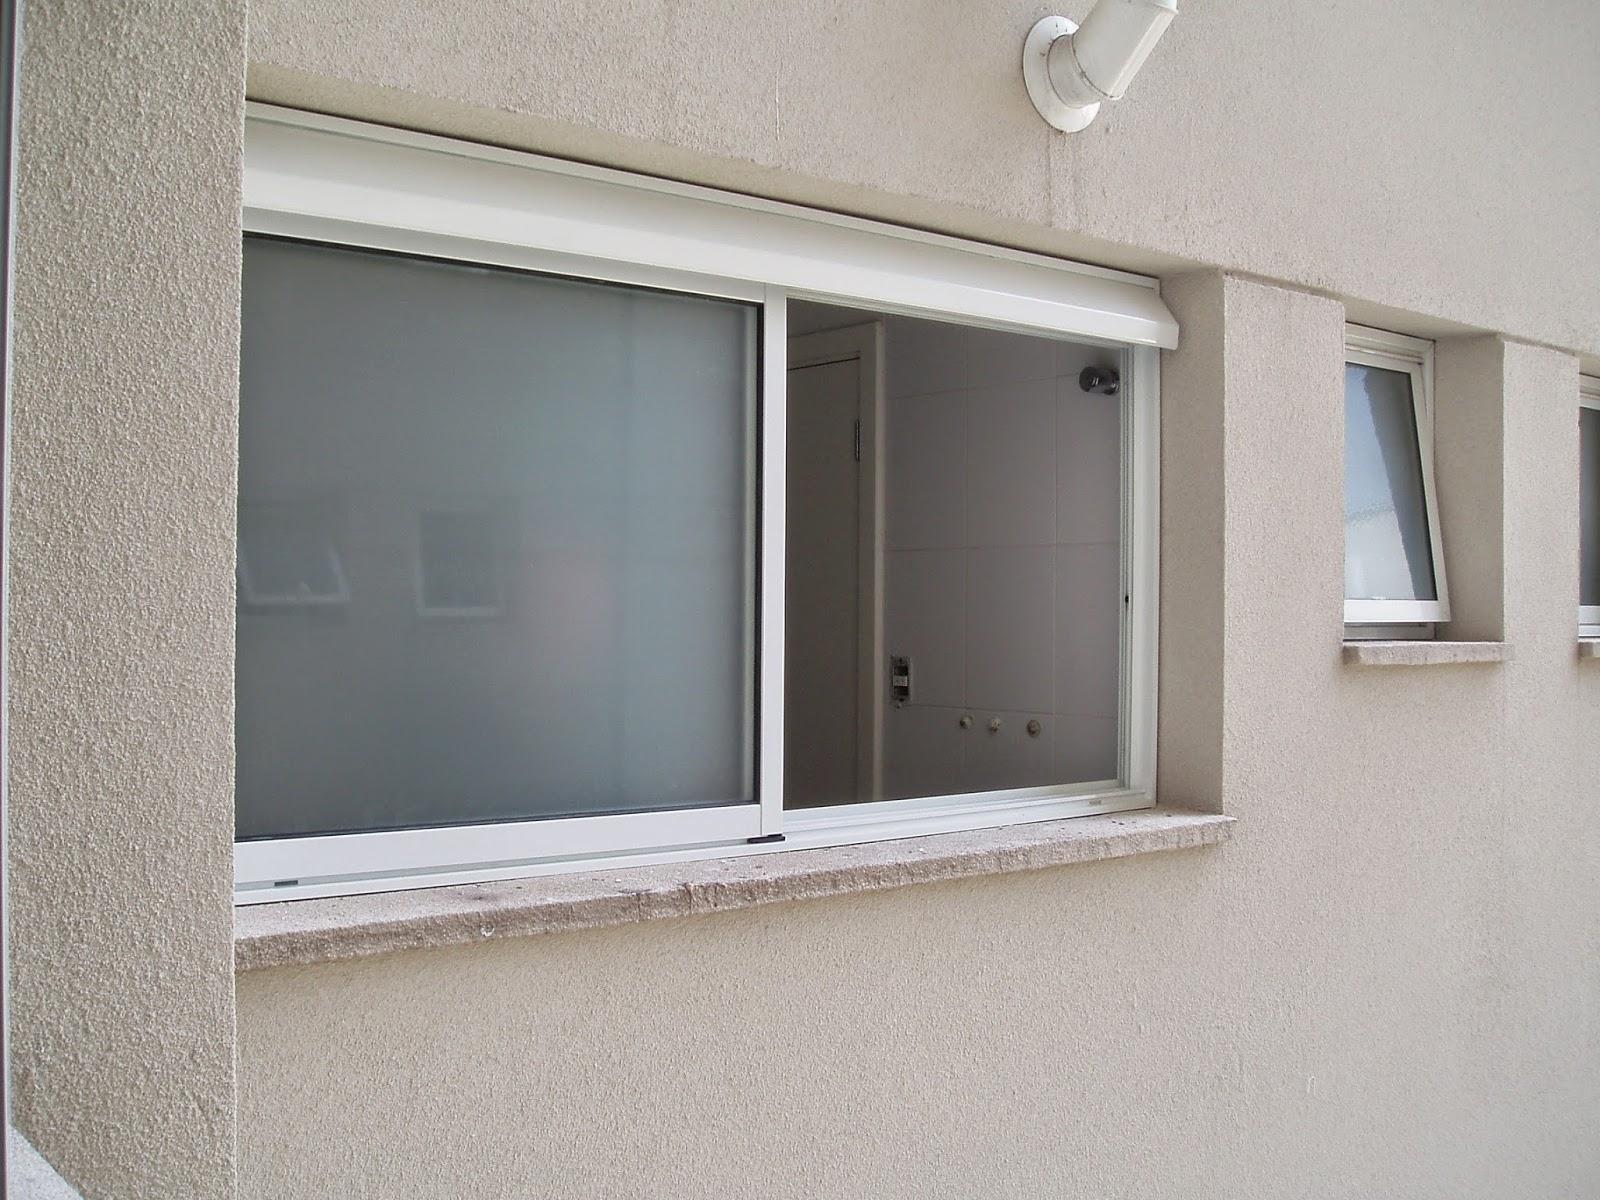 #546677 Posted in: compras janela reforma 866 Medidas De Janelas De Aluminio Para Cozinha